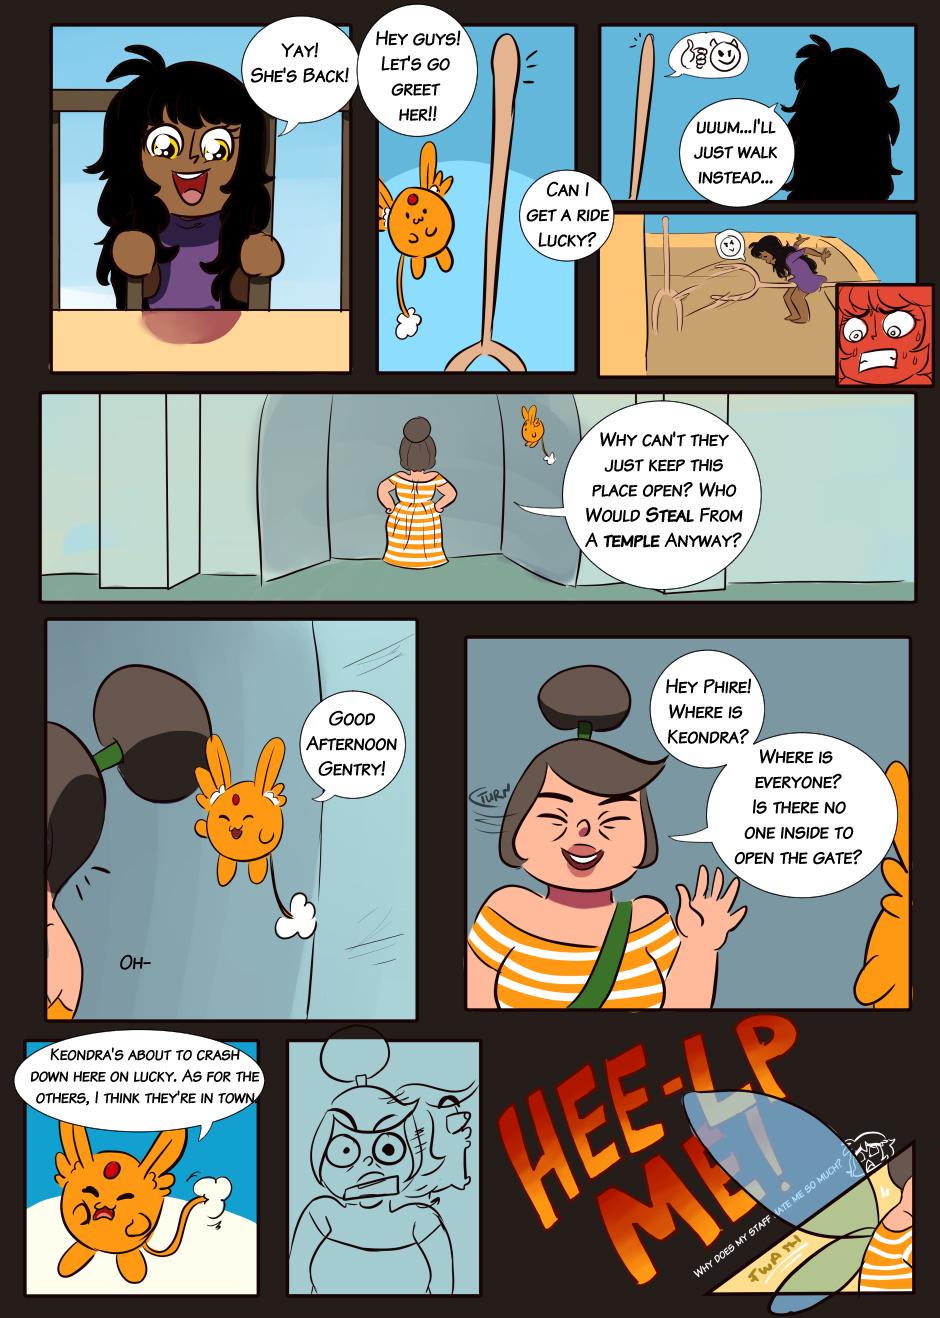 Comic6_005.jpg